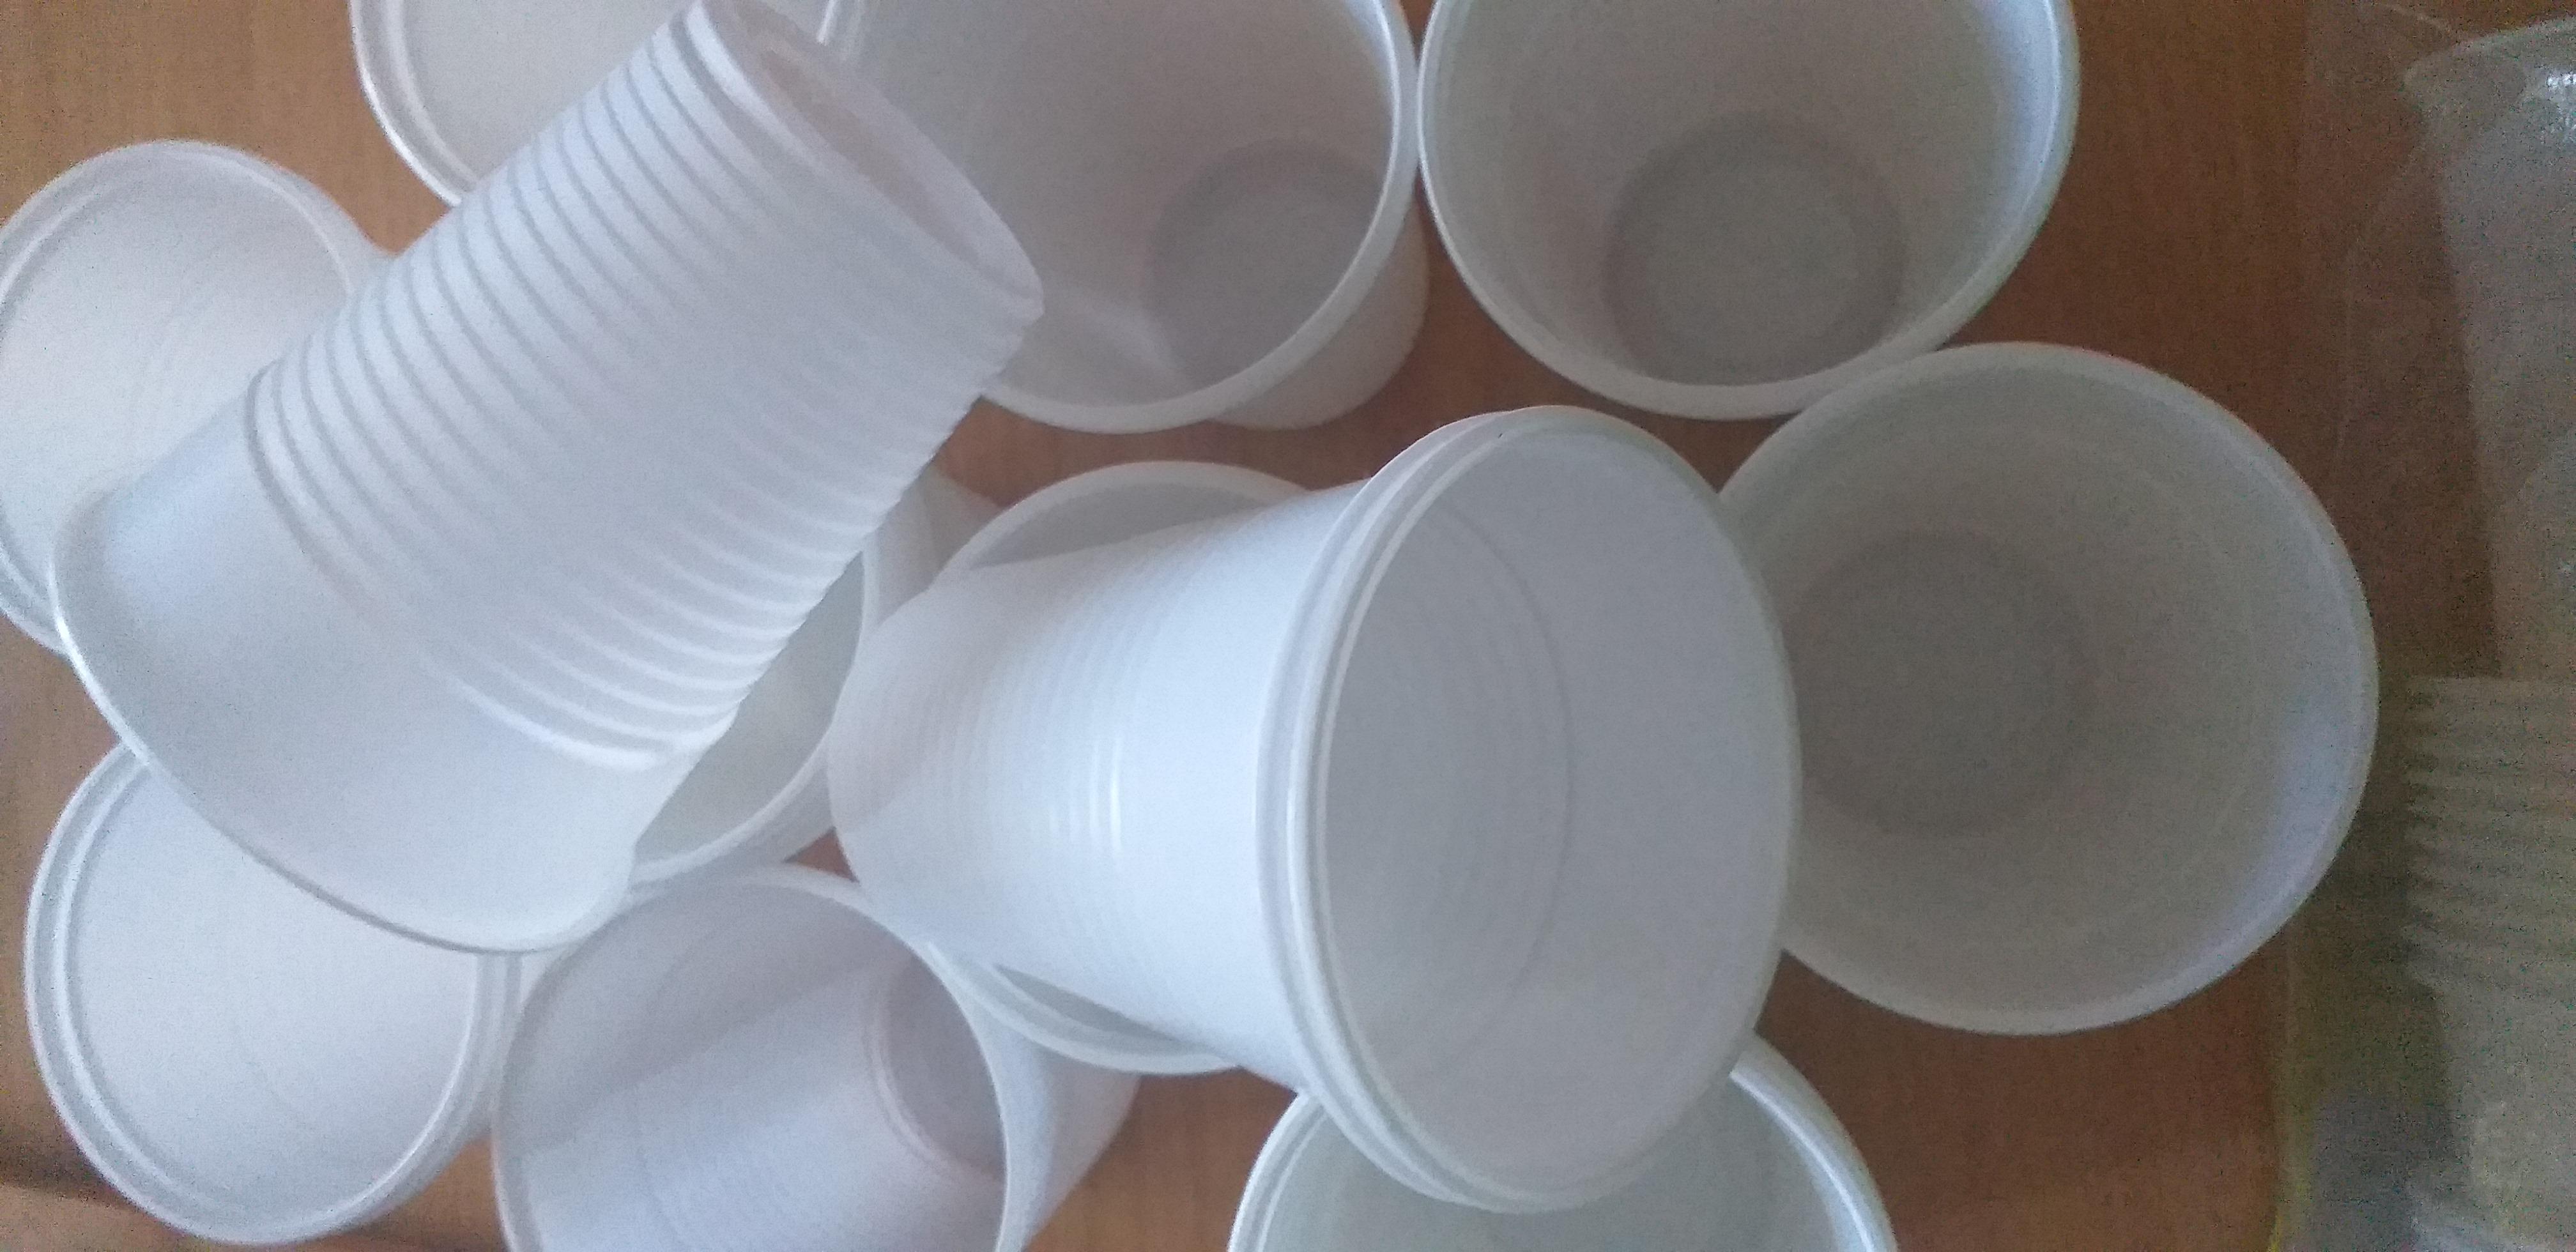 Produsele de unica folosinta din plastic, interzise incepand cu anul 2021